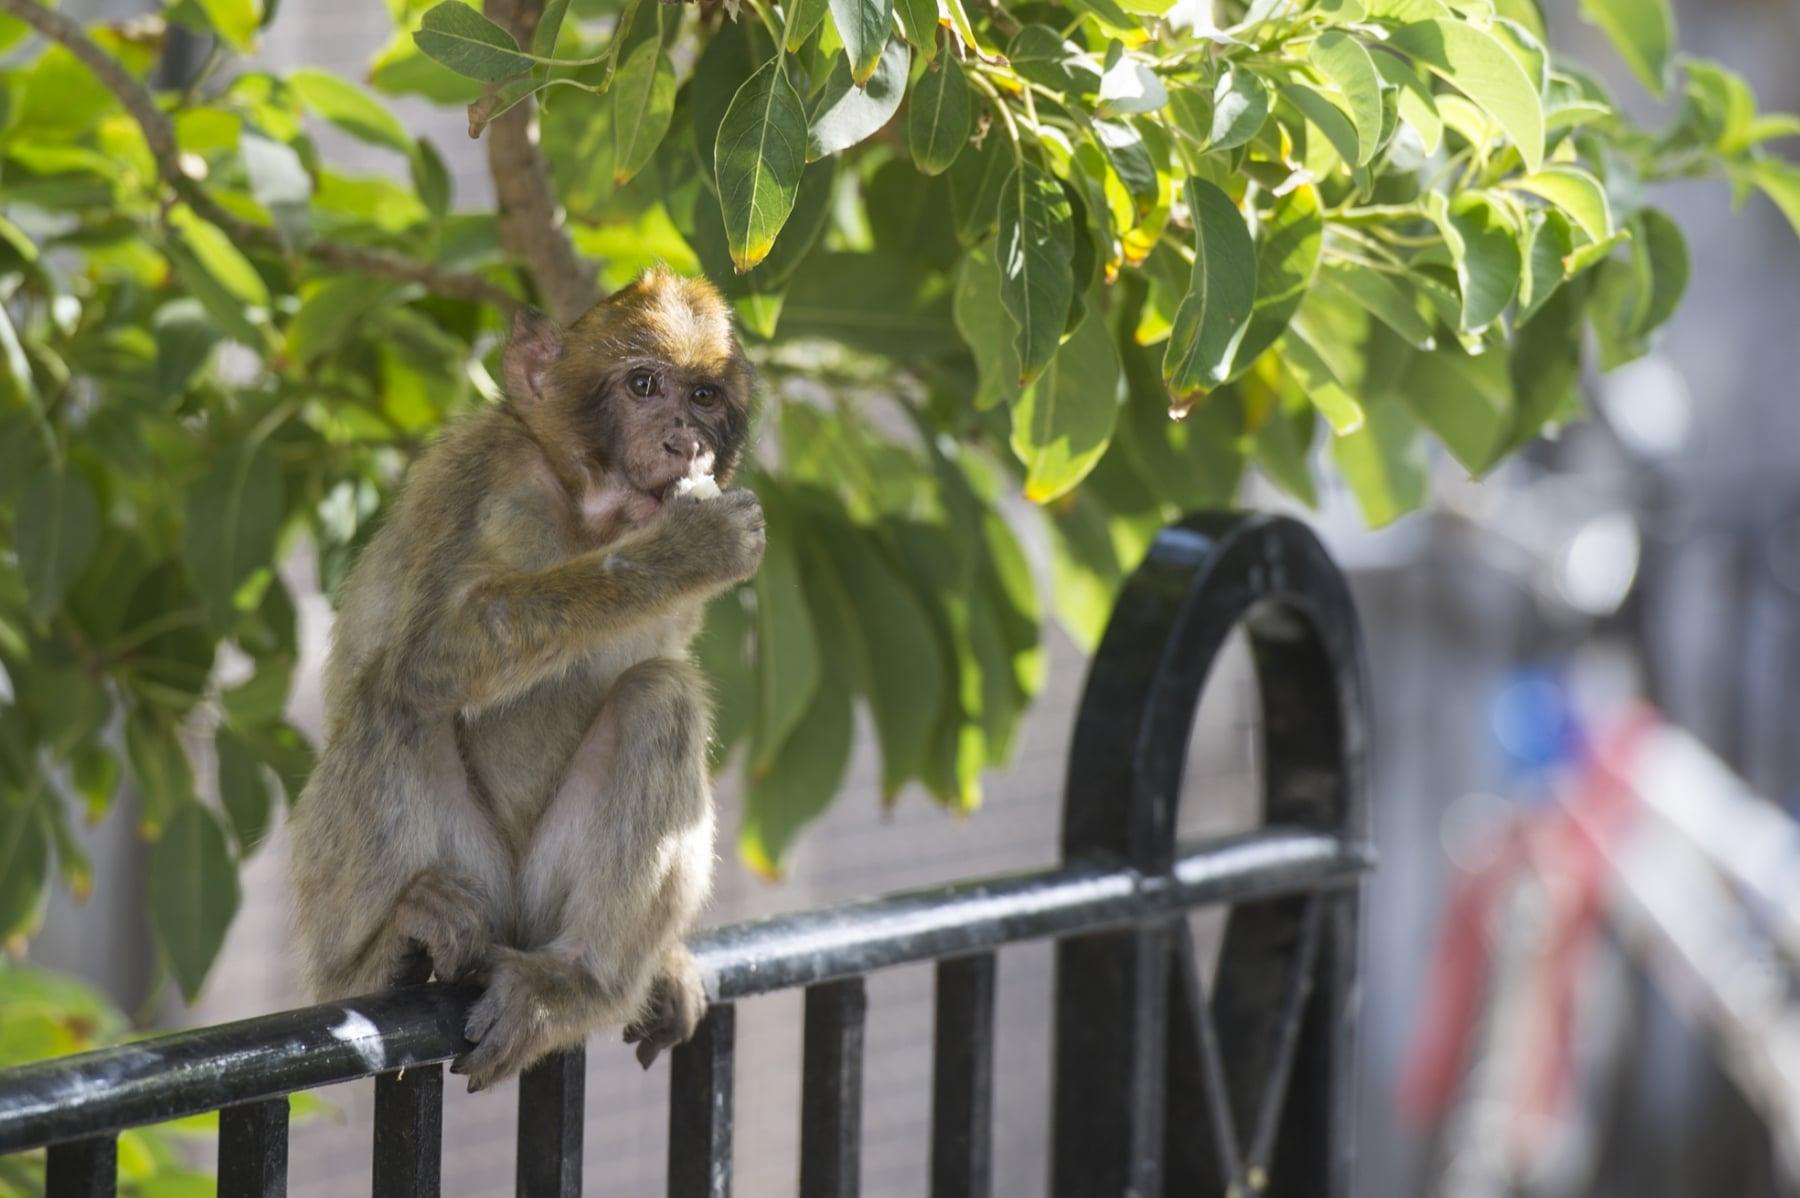 Monos-en-la-ciudad-15